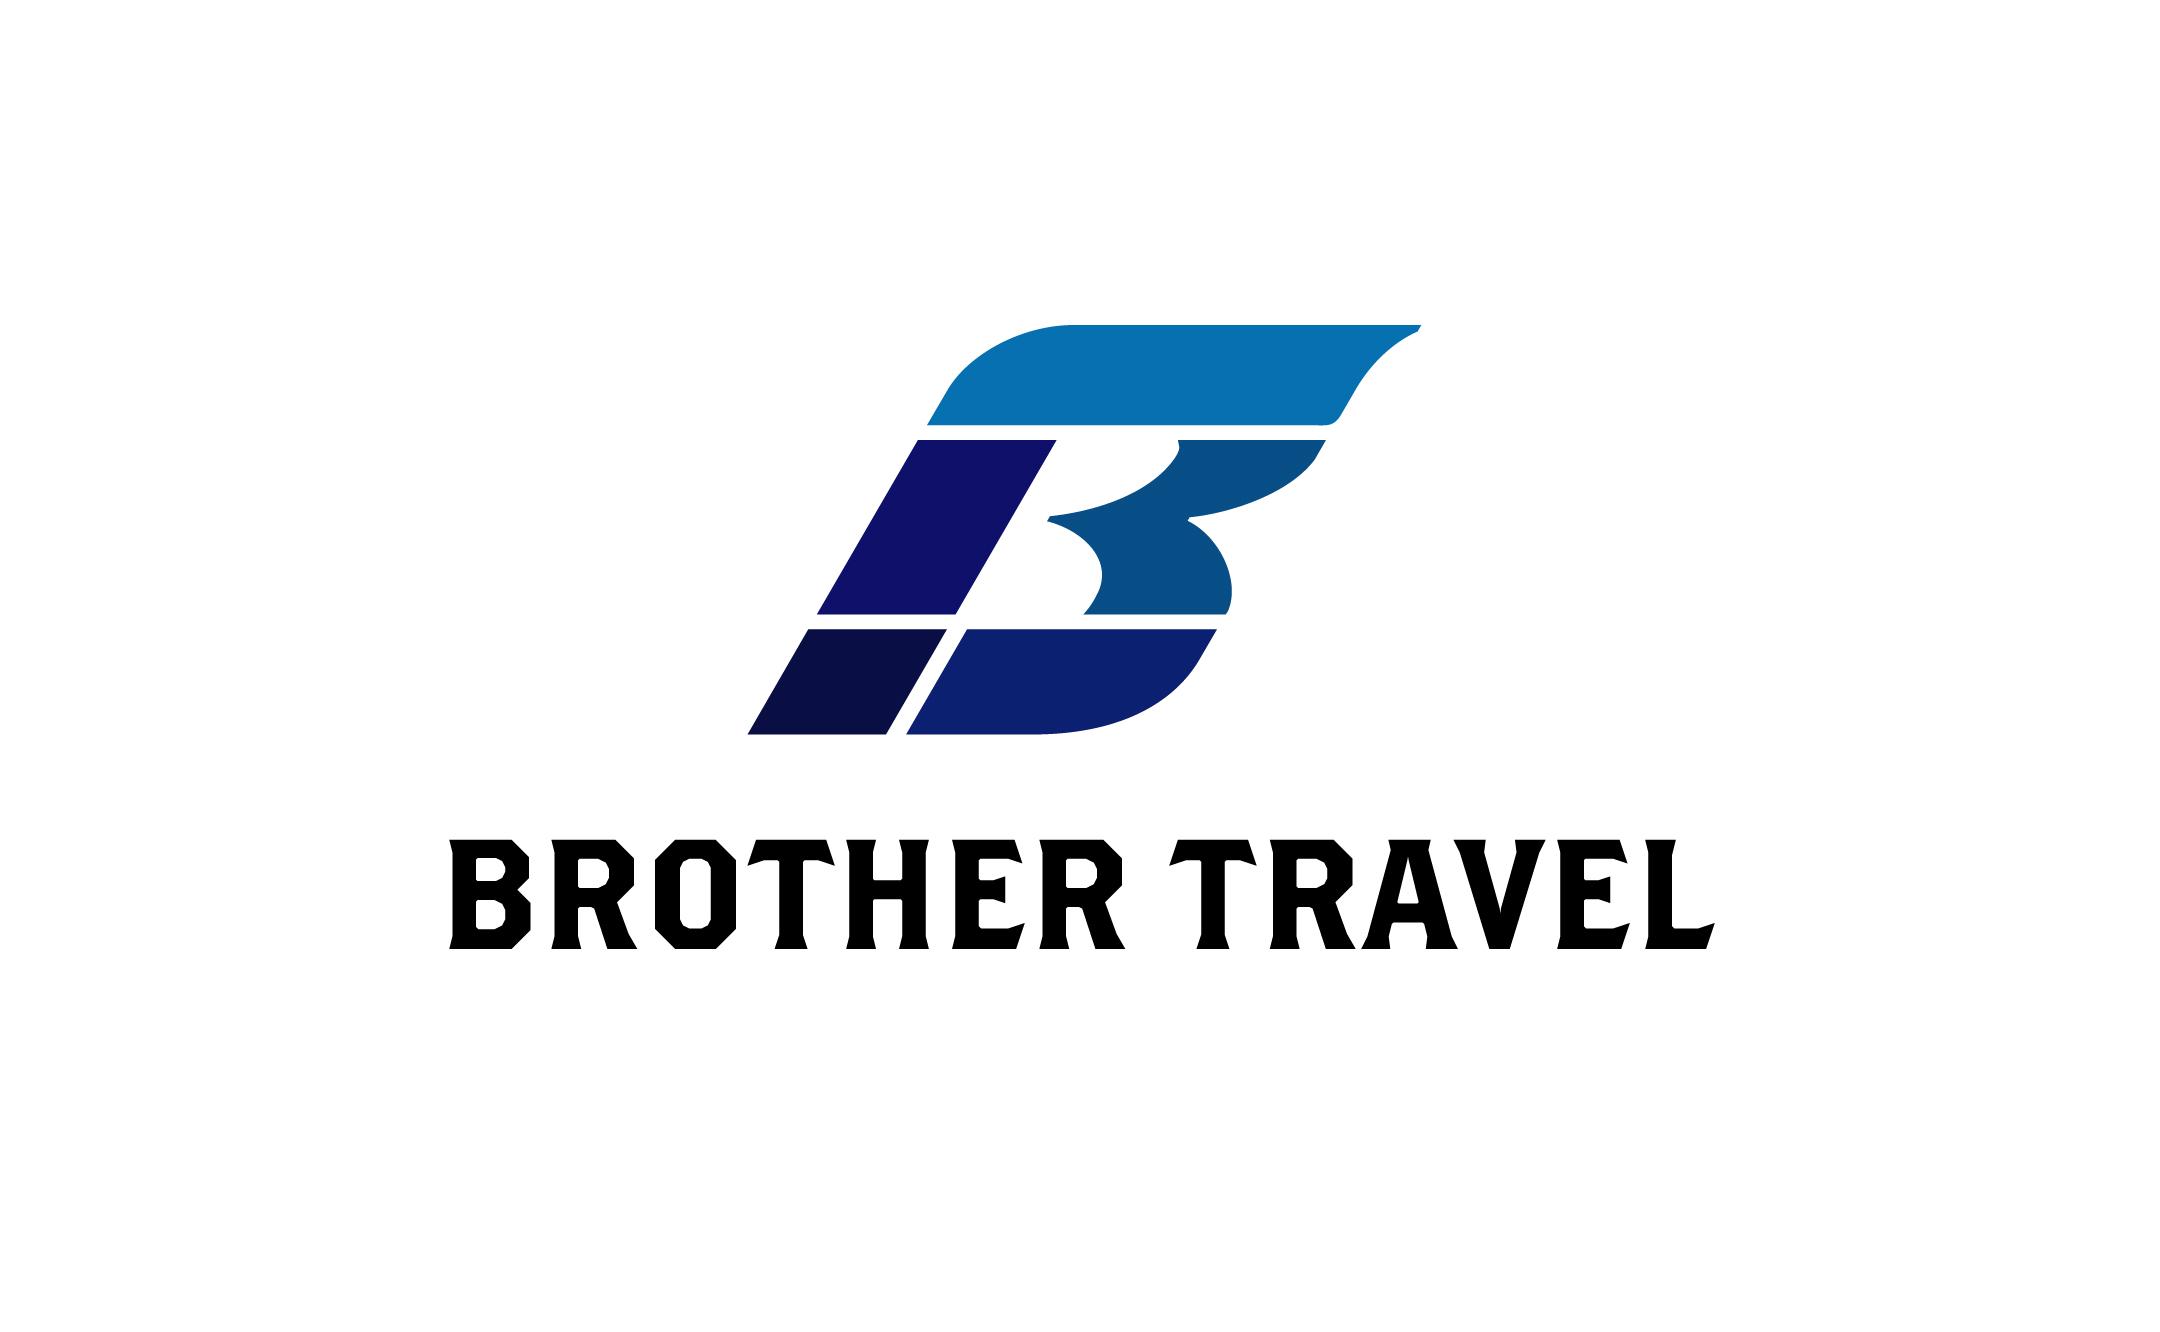 旅行・ツアー企画 ブラザートラベル ロゴ制作